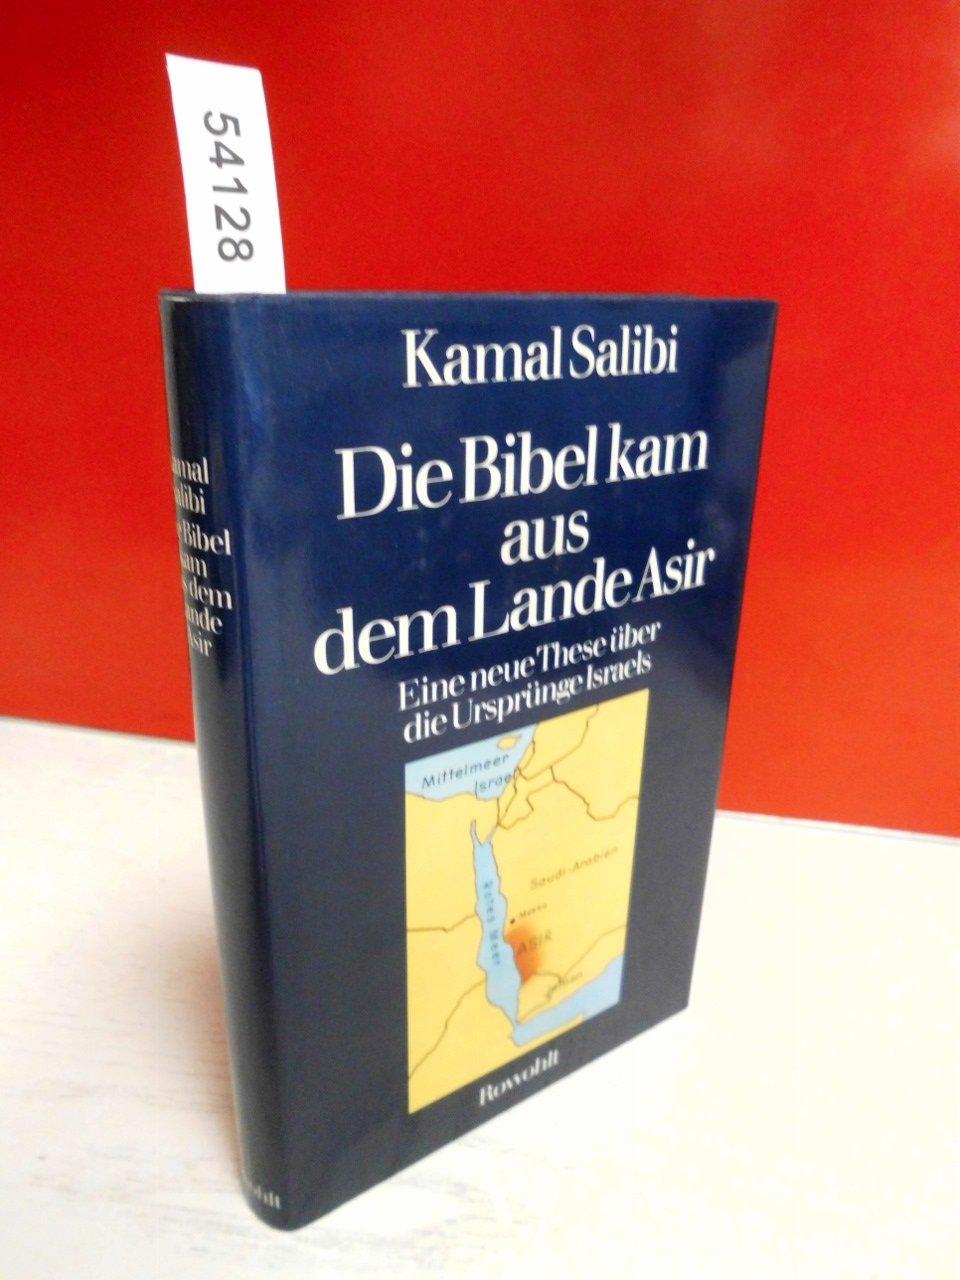 Die Bibel kam aus dem Lande Asir